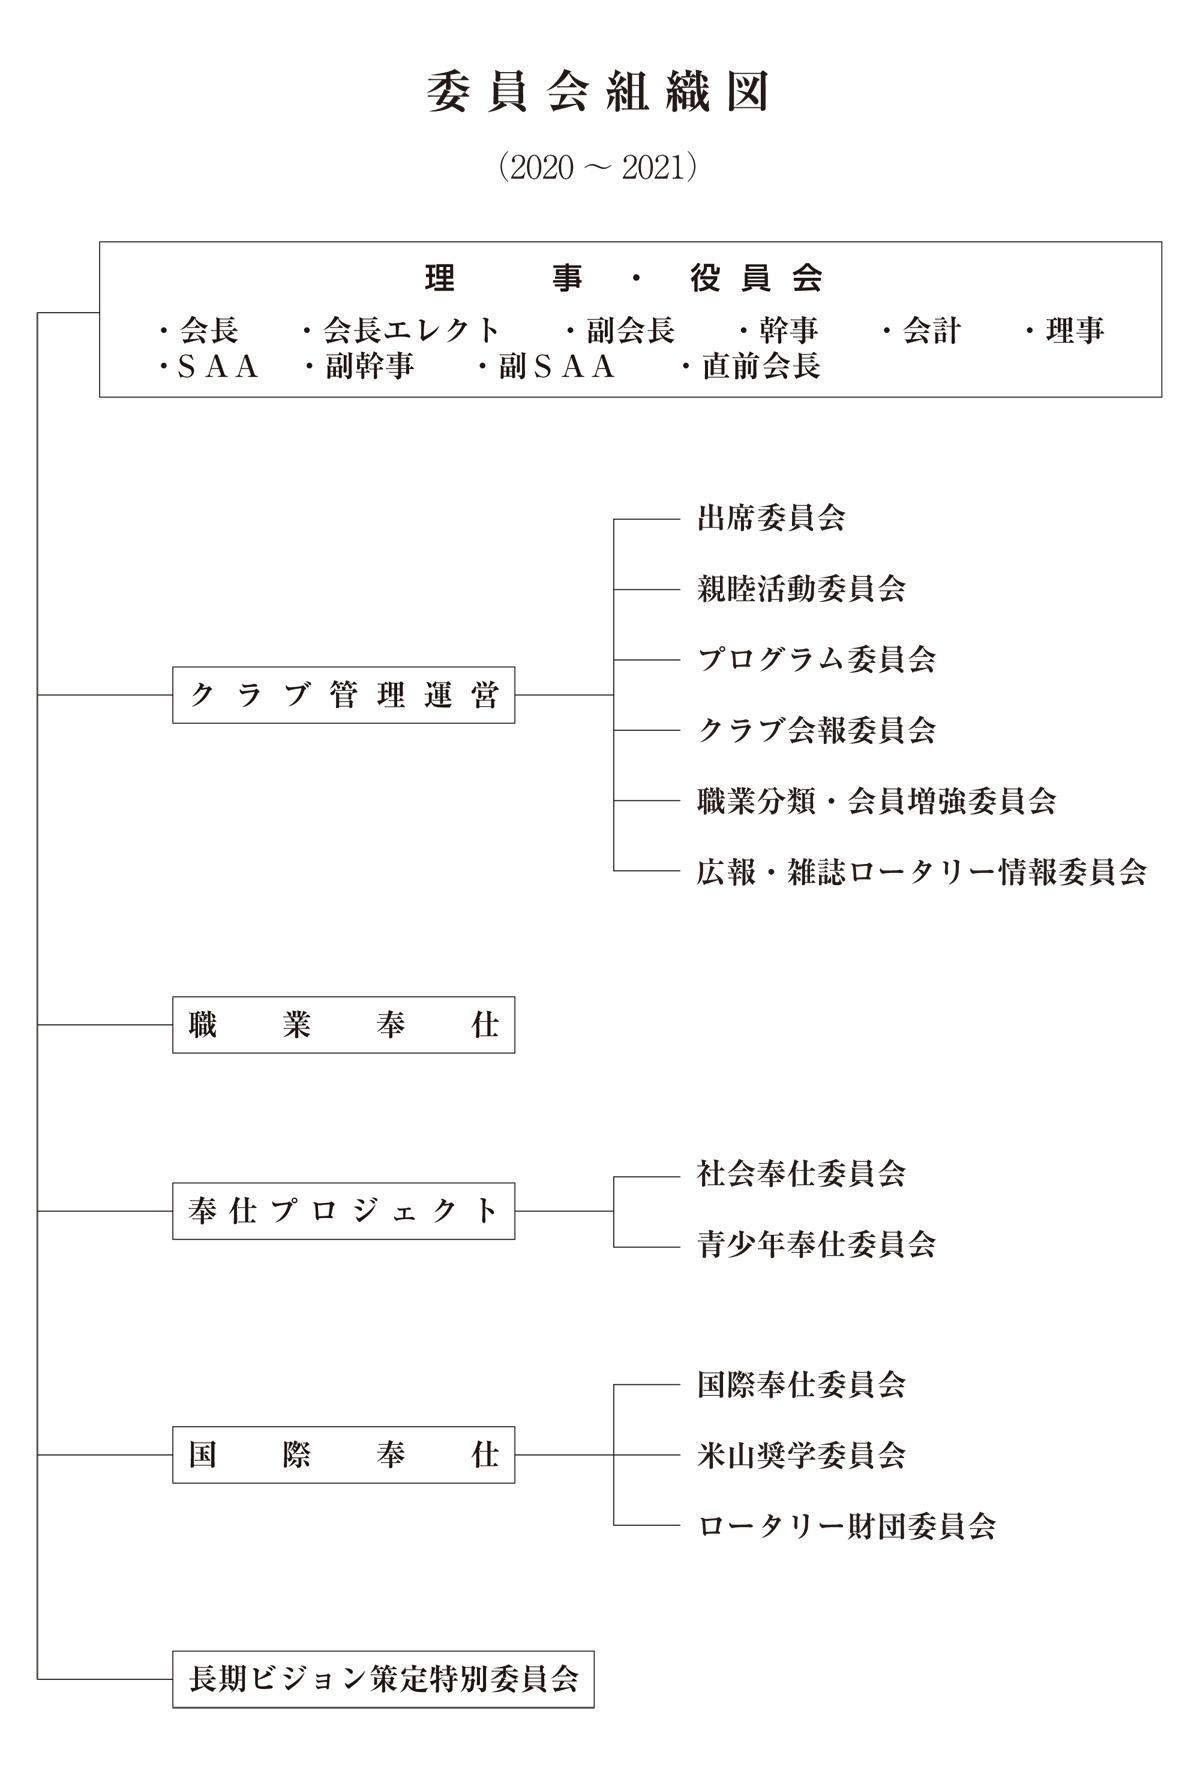 委員会組織図